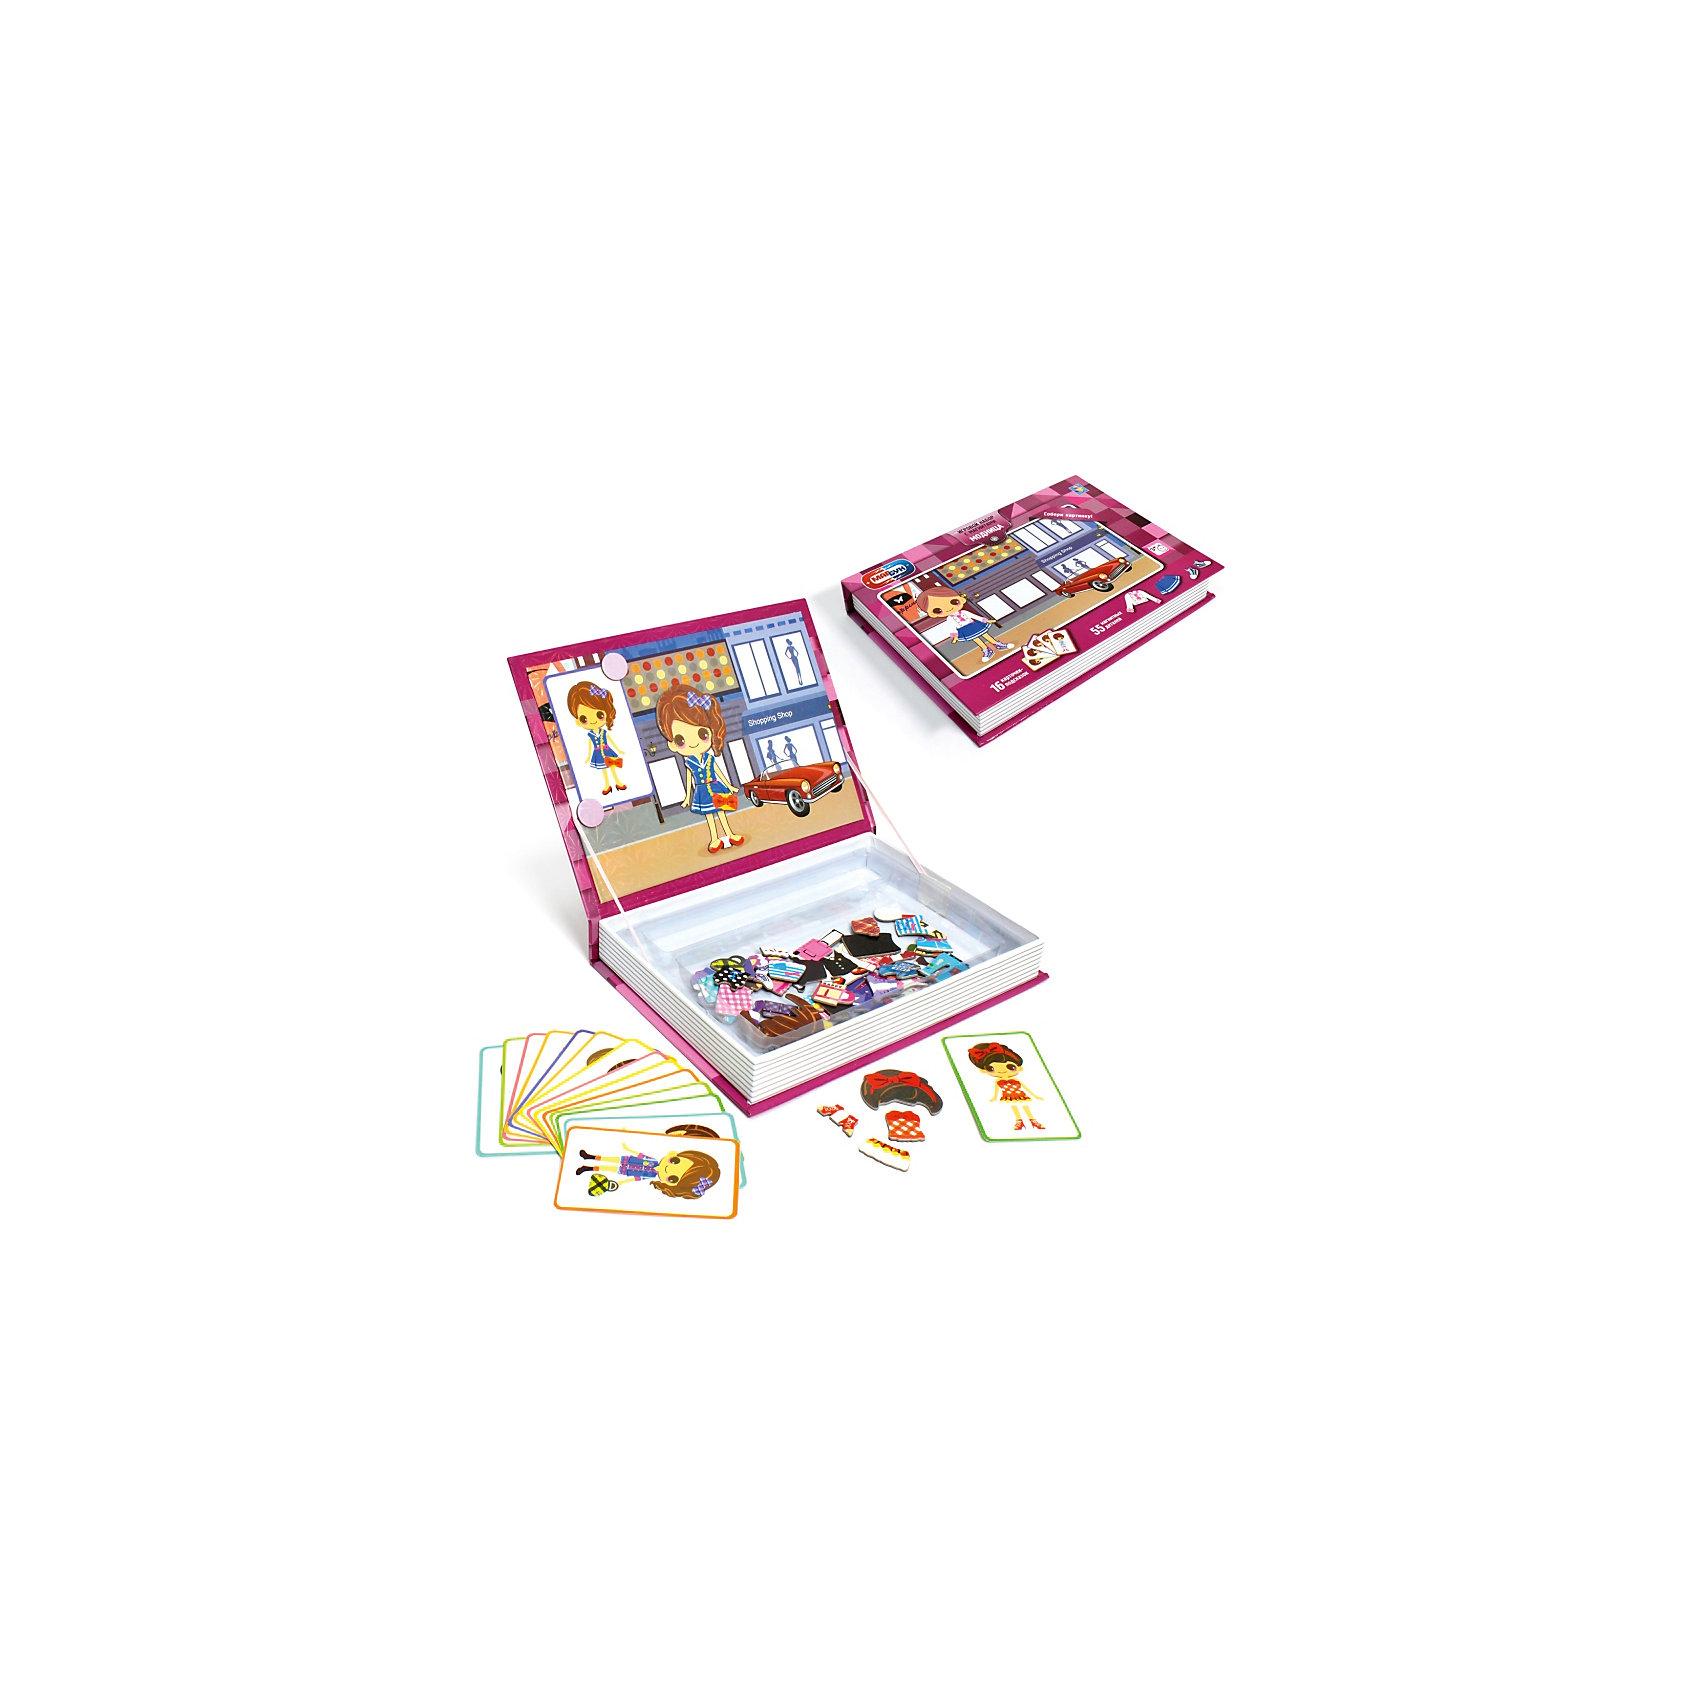 Игровой набор Модница (55 магнитных деталей)Дети хотят узнавать что-то новое и учиться контактировать с окружающим пространством. Сделать процесс познавания мира для малышей - просто! Оригинальный игровой набор Модница  с магнитными деталями поможет ребенку научиться правильно подбирать одежду. Для этого в нем есть магнитная доска и детали одежды, с помощью которых нужно собрать костюм. В наборе есть карточки-подсказки.<br>Этот набор надолго займет ребенка! Игра с ним помогает детям развивать мелкую моторику, внимательность и познавать мир. Обучающая игрушка сделана из качественных и безопасных для ребенка материалов.<br><br>Дополнительная информация:<br><br>цвет: разноцветный;<br>размер:  19 х 26 х 4 см;<br>комплектация: 55 магнитные детали, 16 картинок-подсказок, книга-коробка для хранения;<br>вес: 550 г;<br>материал: ламинированная бумага, ламинированный картон.<br><br>Игровой набор Модница (55 магнитных деталей) можно купить в нашем магазине.<br><br>Ширина мм: 265<br>Глубина мм: 40<br>Высота мм: 190<br>Вес г: 583<br>Возраст от месяцев: 36<br>Возраст до месяцев: 2147483647<br>Пол: Женский<br>Возраст: Детский<br>SKU: 4916406